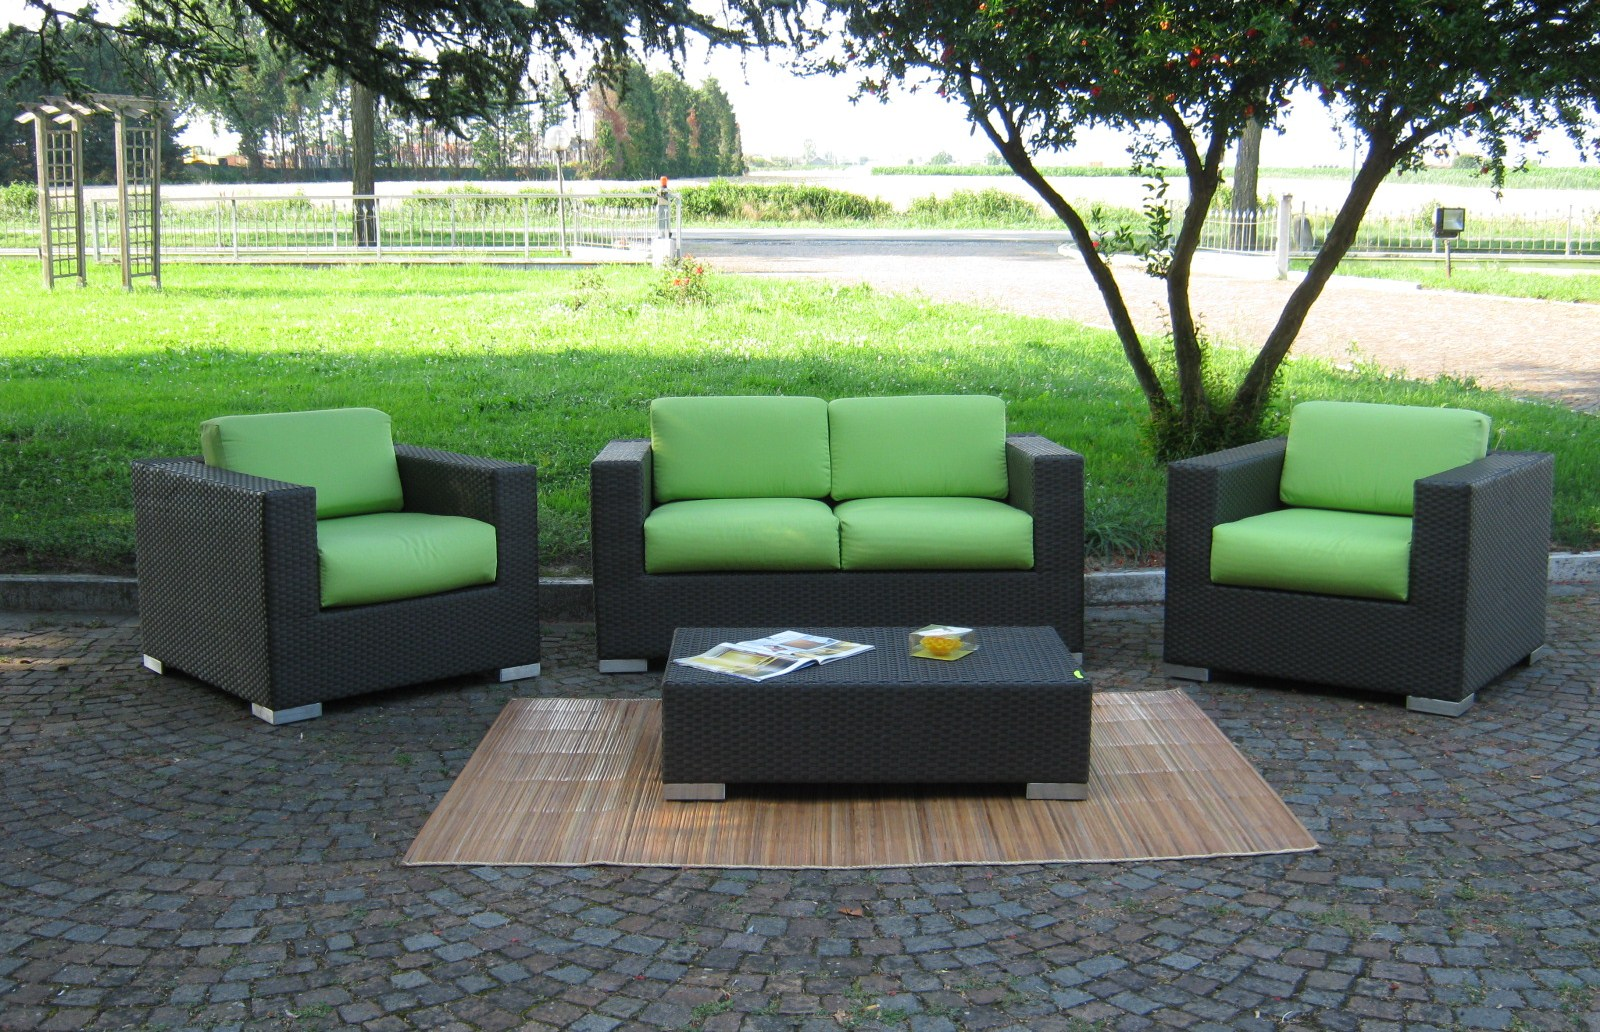 Salotti in rattan sintetico arredamento giardino sintetico mobili da giardino in rattan - Divani per esterno ikea ...